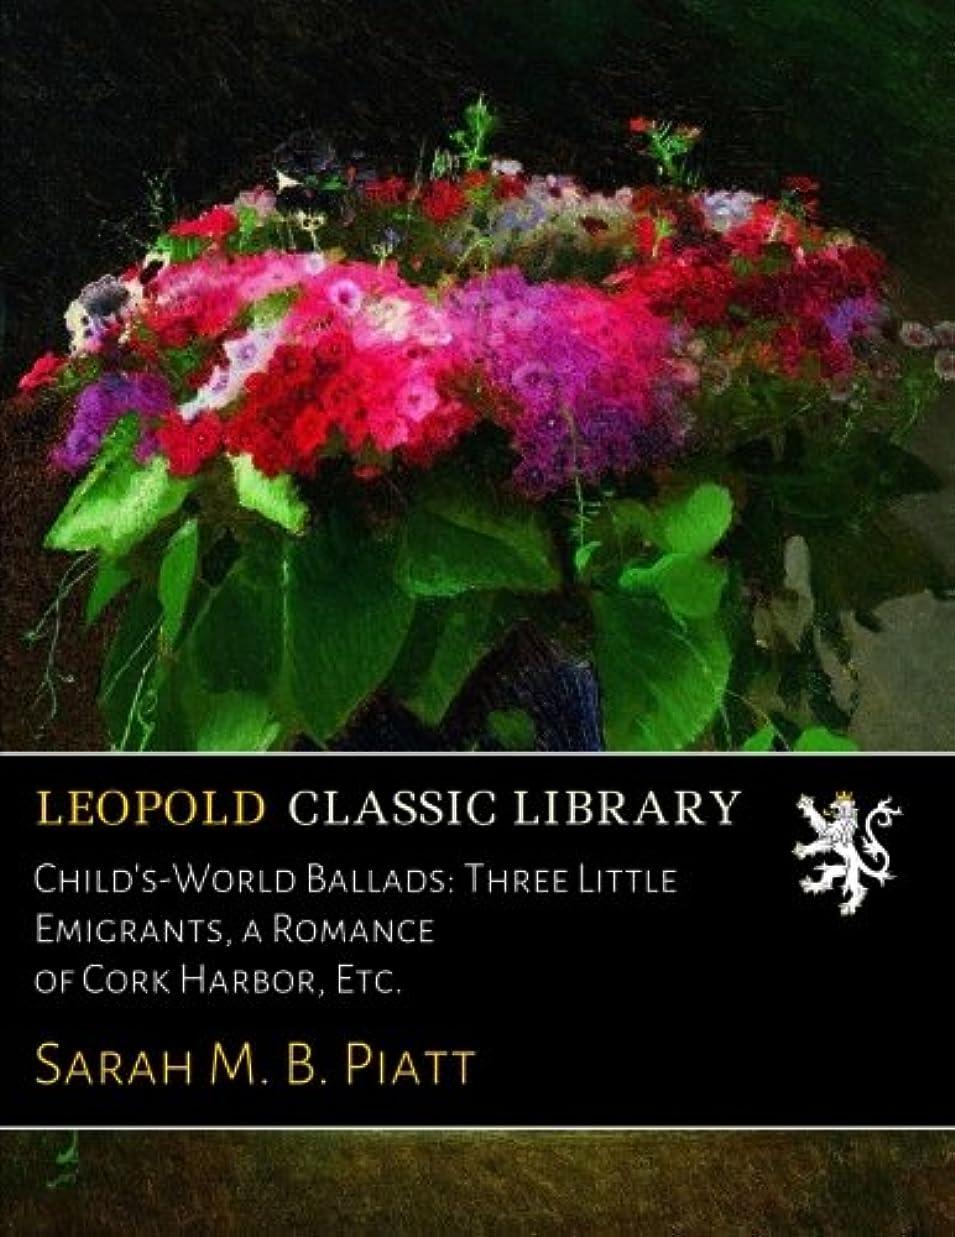 つづり医学構造的Child's-World Ballads: Three Little Emigrants, a Romance of Cork Harbor, Etc.